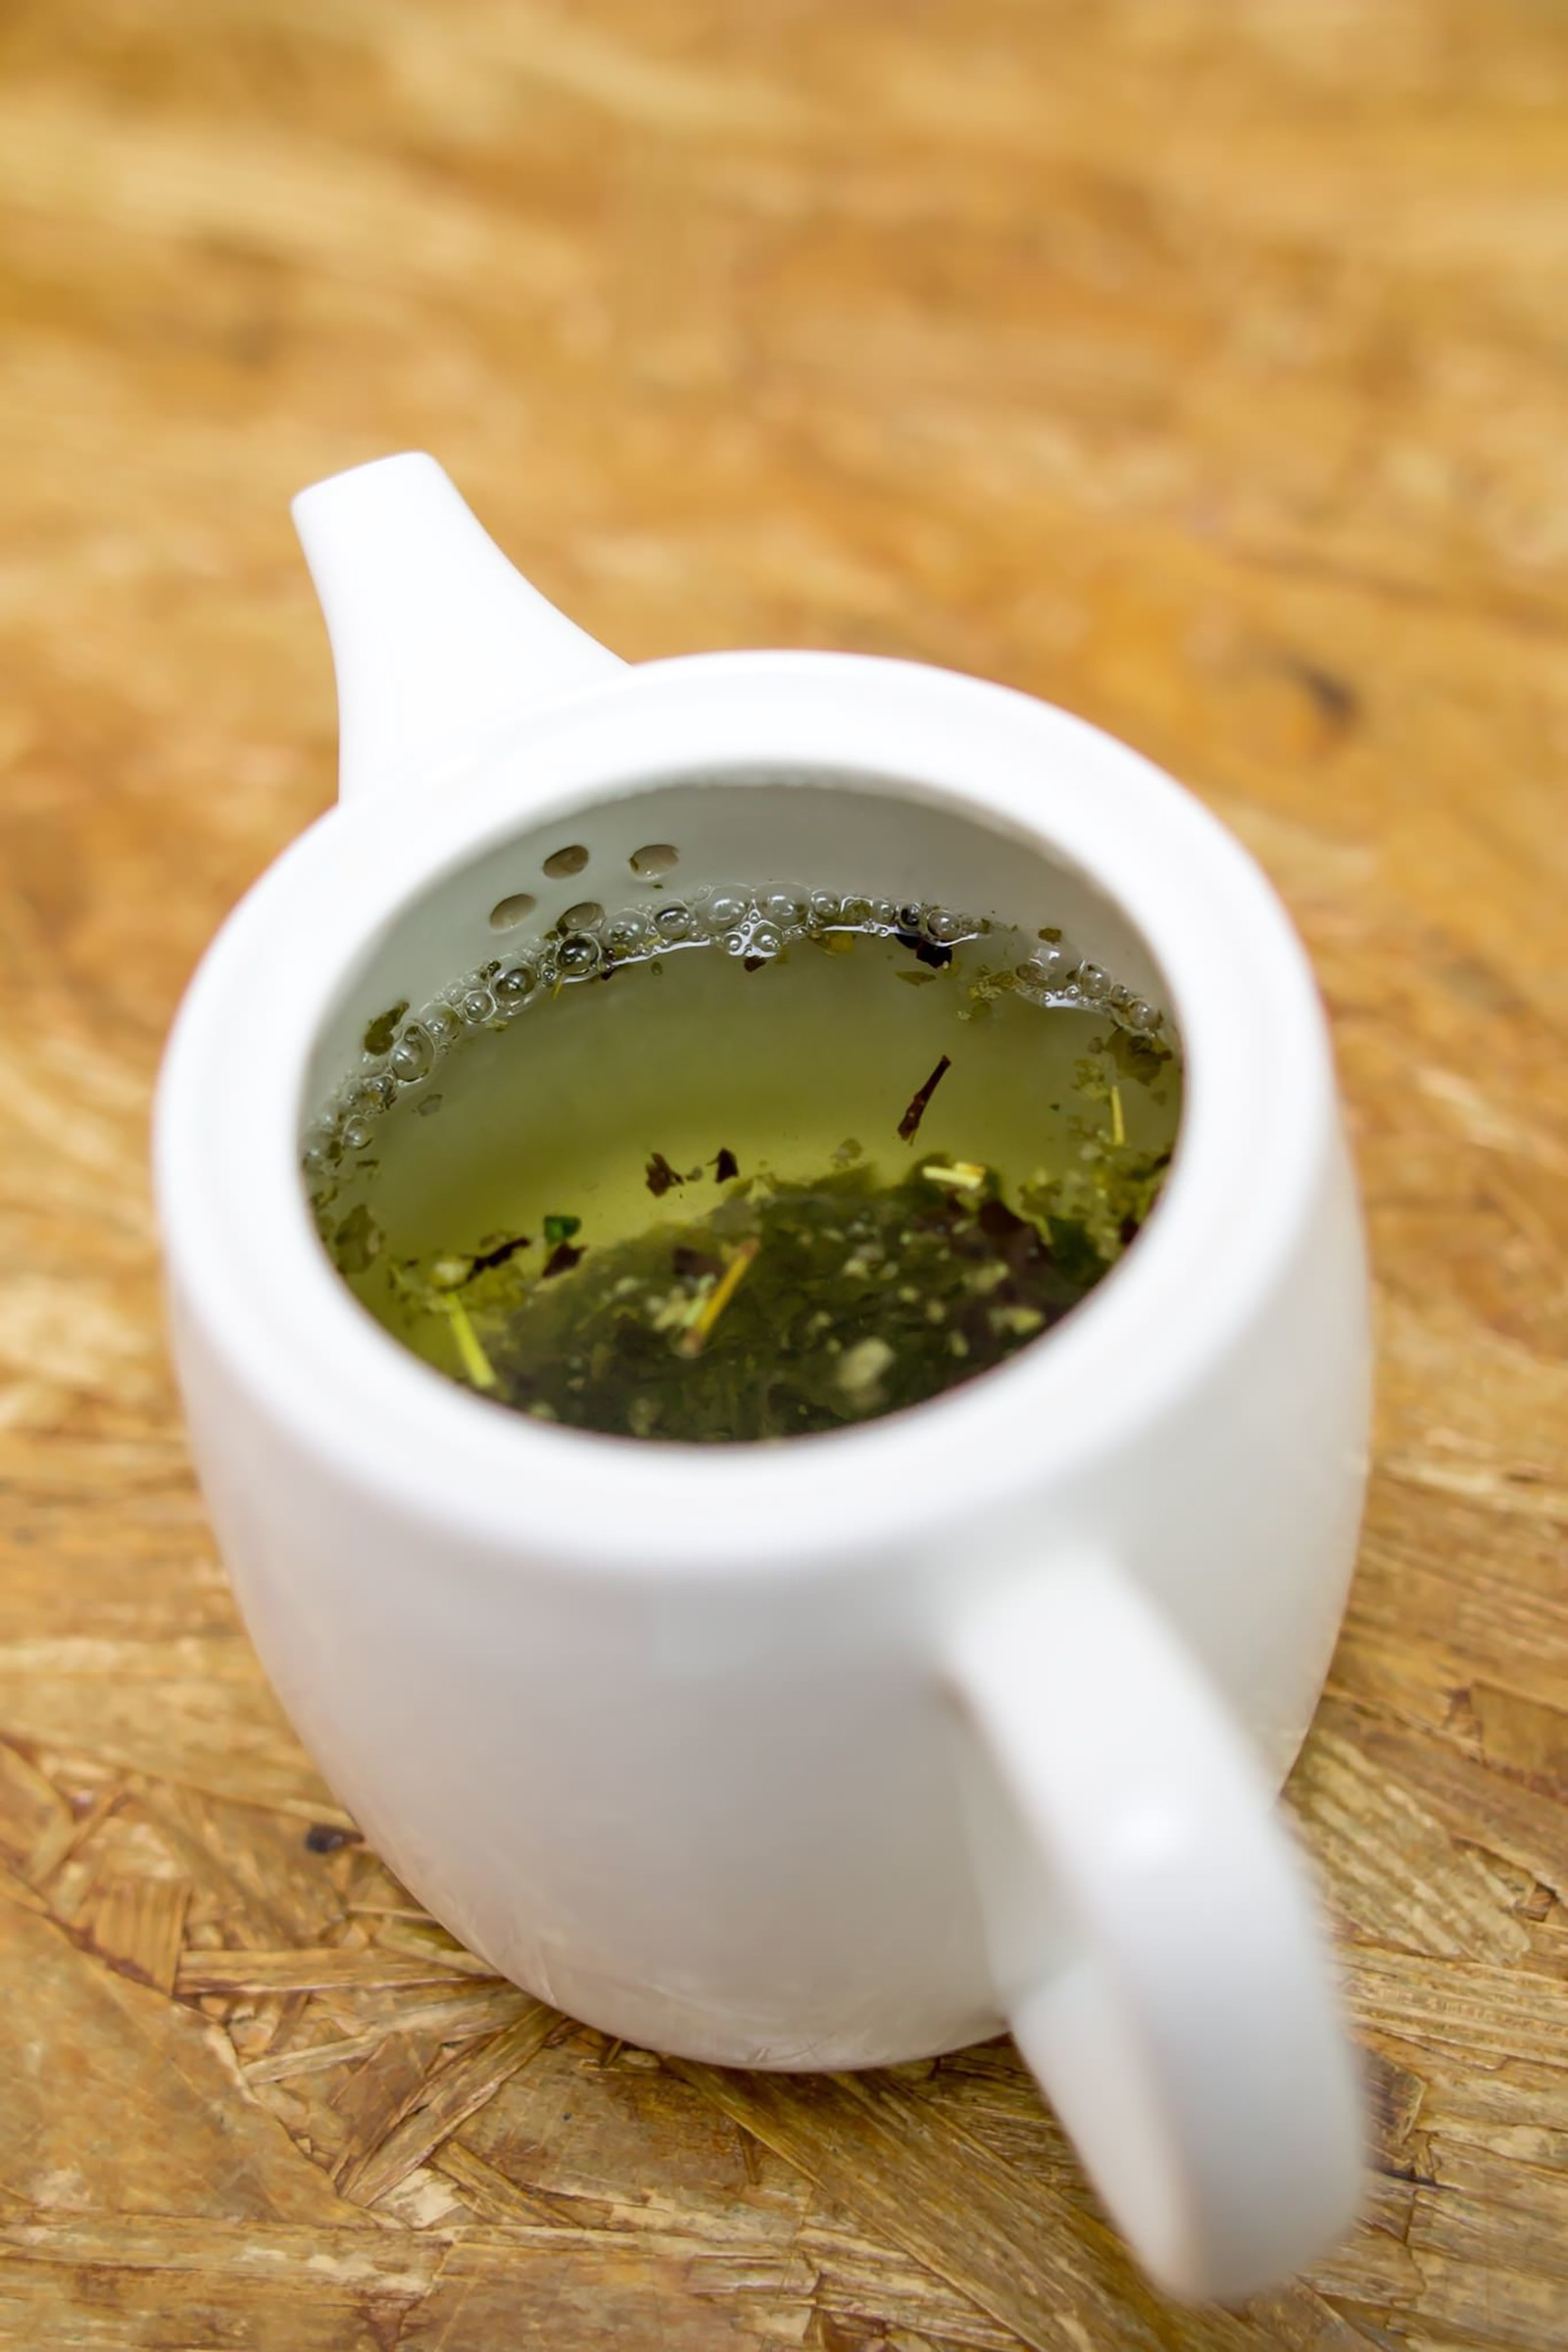 脇汗の発汗とお茶には影響がある?ハーブティーが効き目あり。